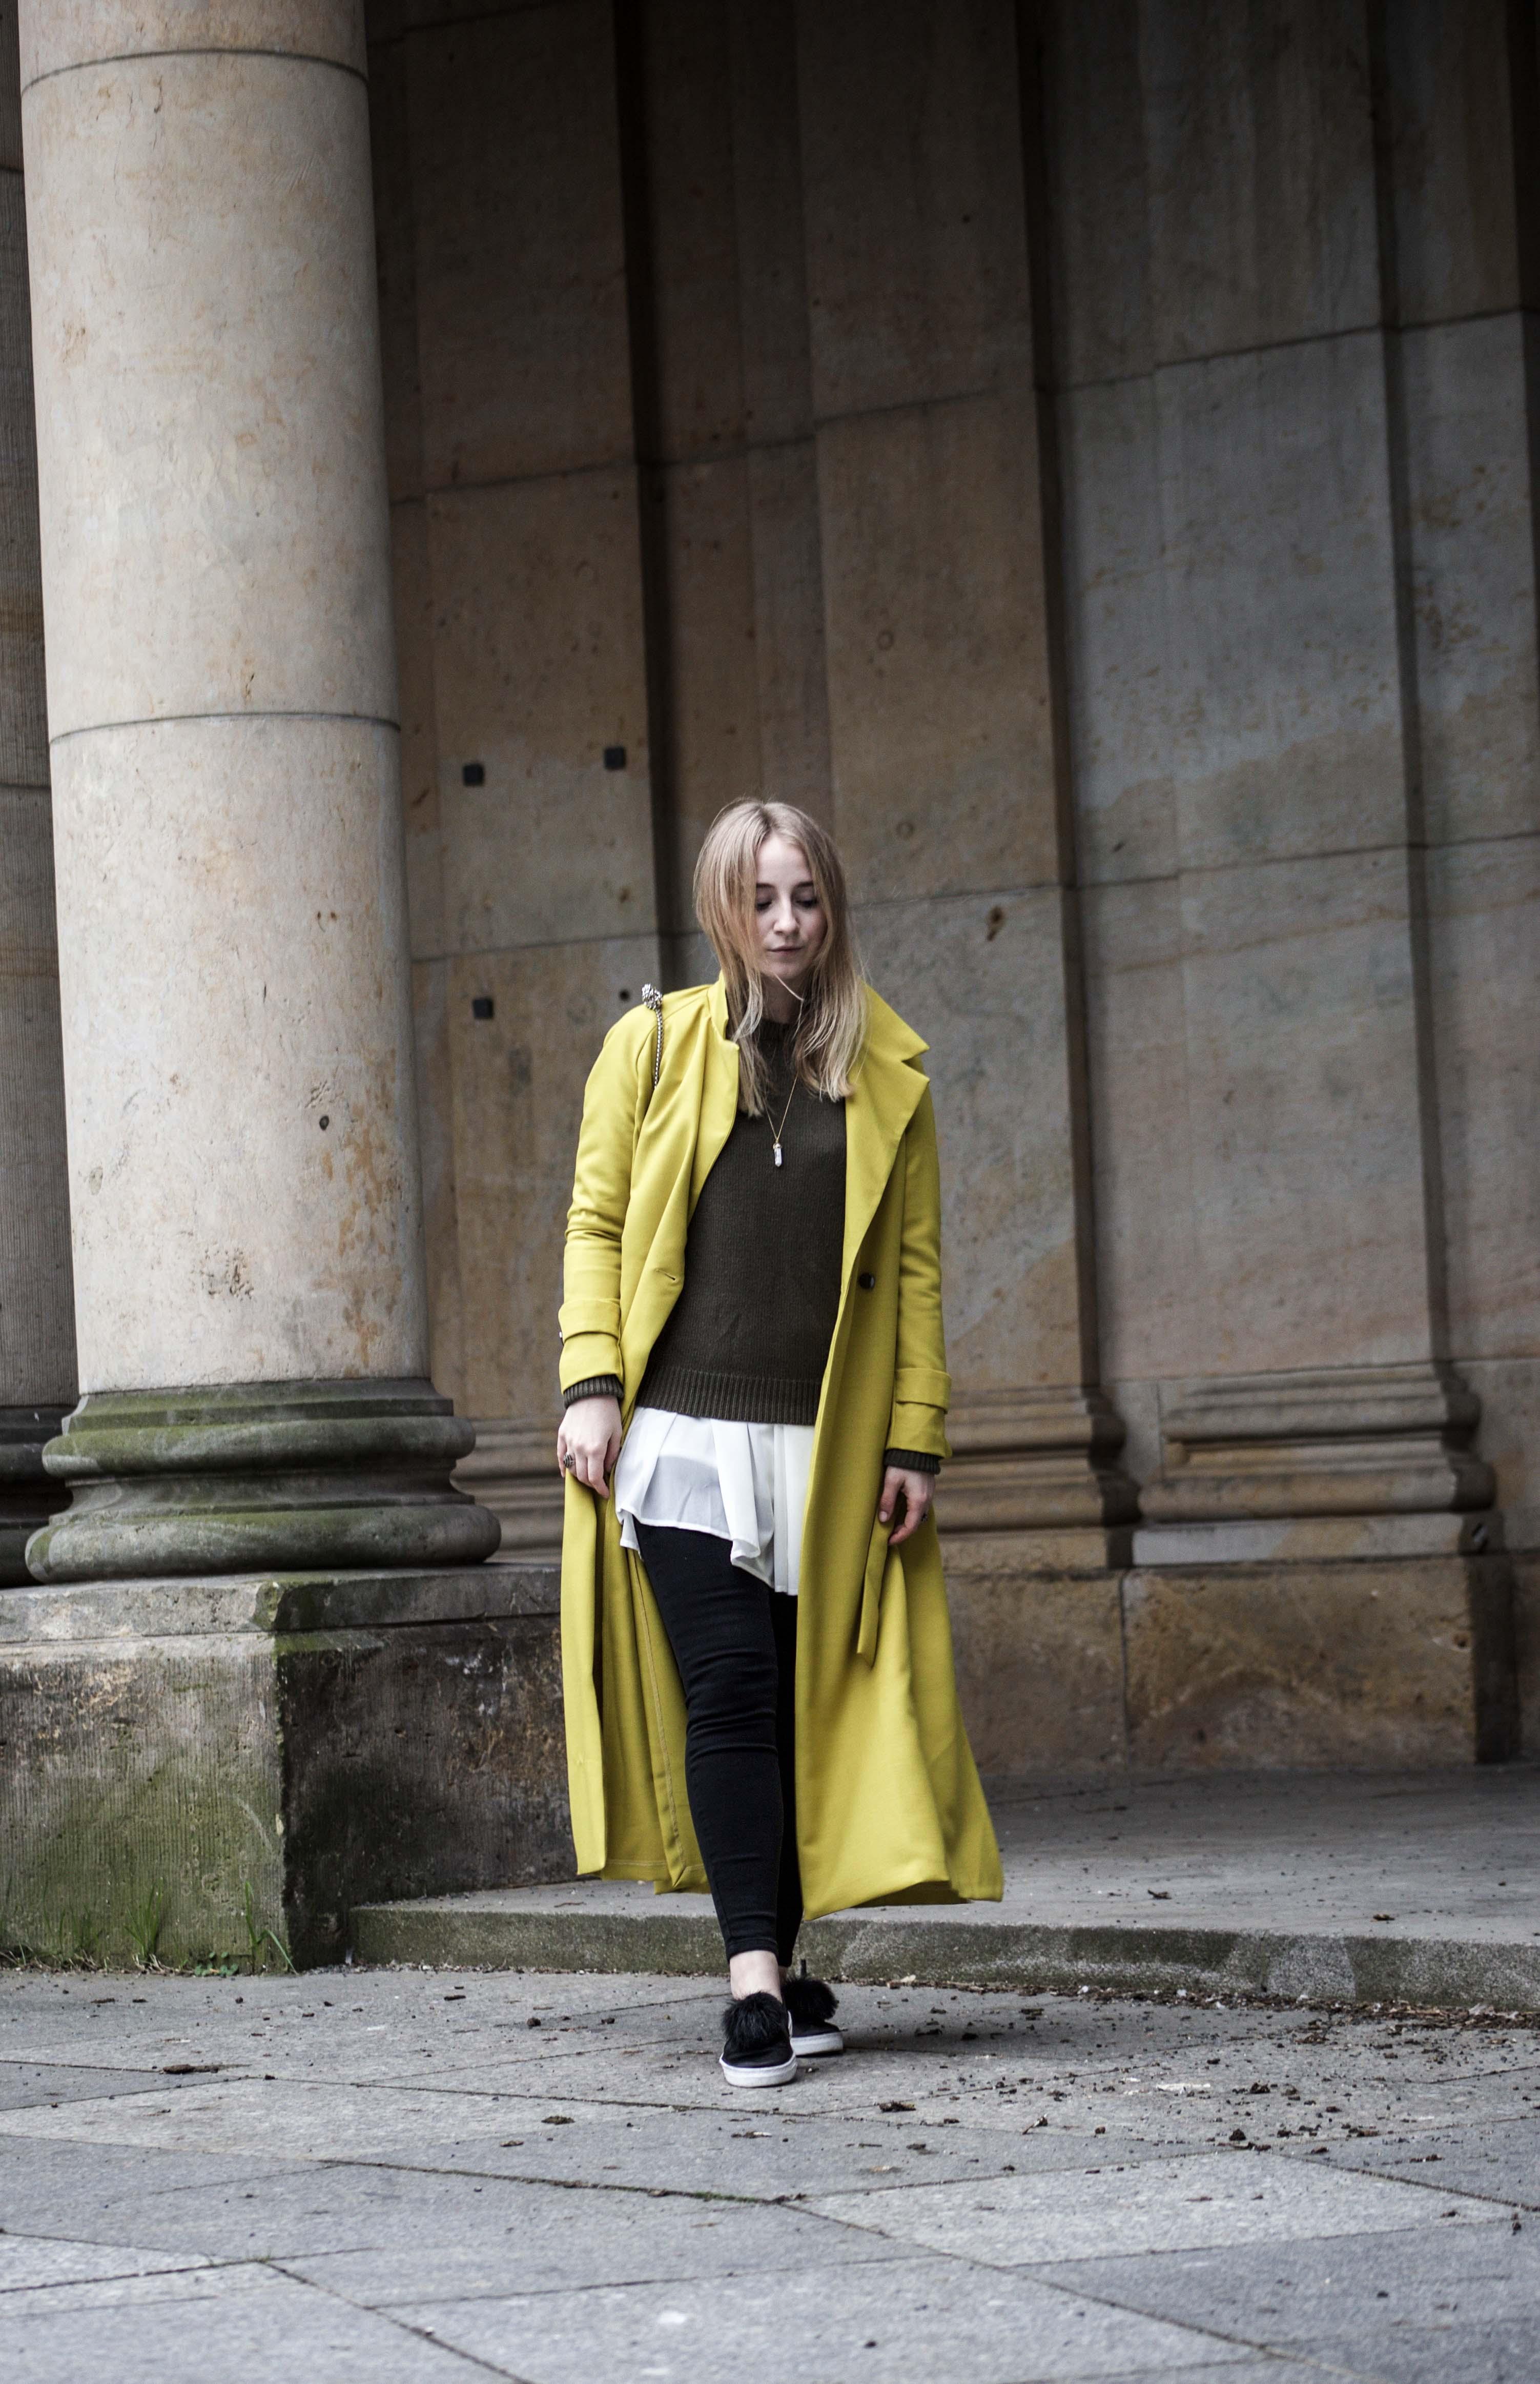 gelber-trenchcoat-frühling-outfit-sommer-fashionblog-modeblog_6266